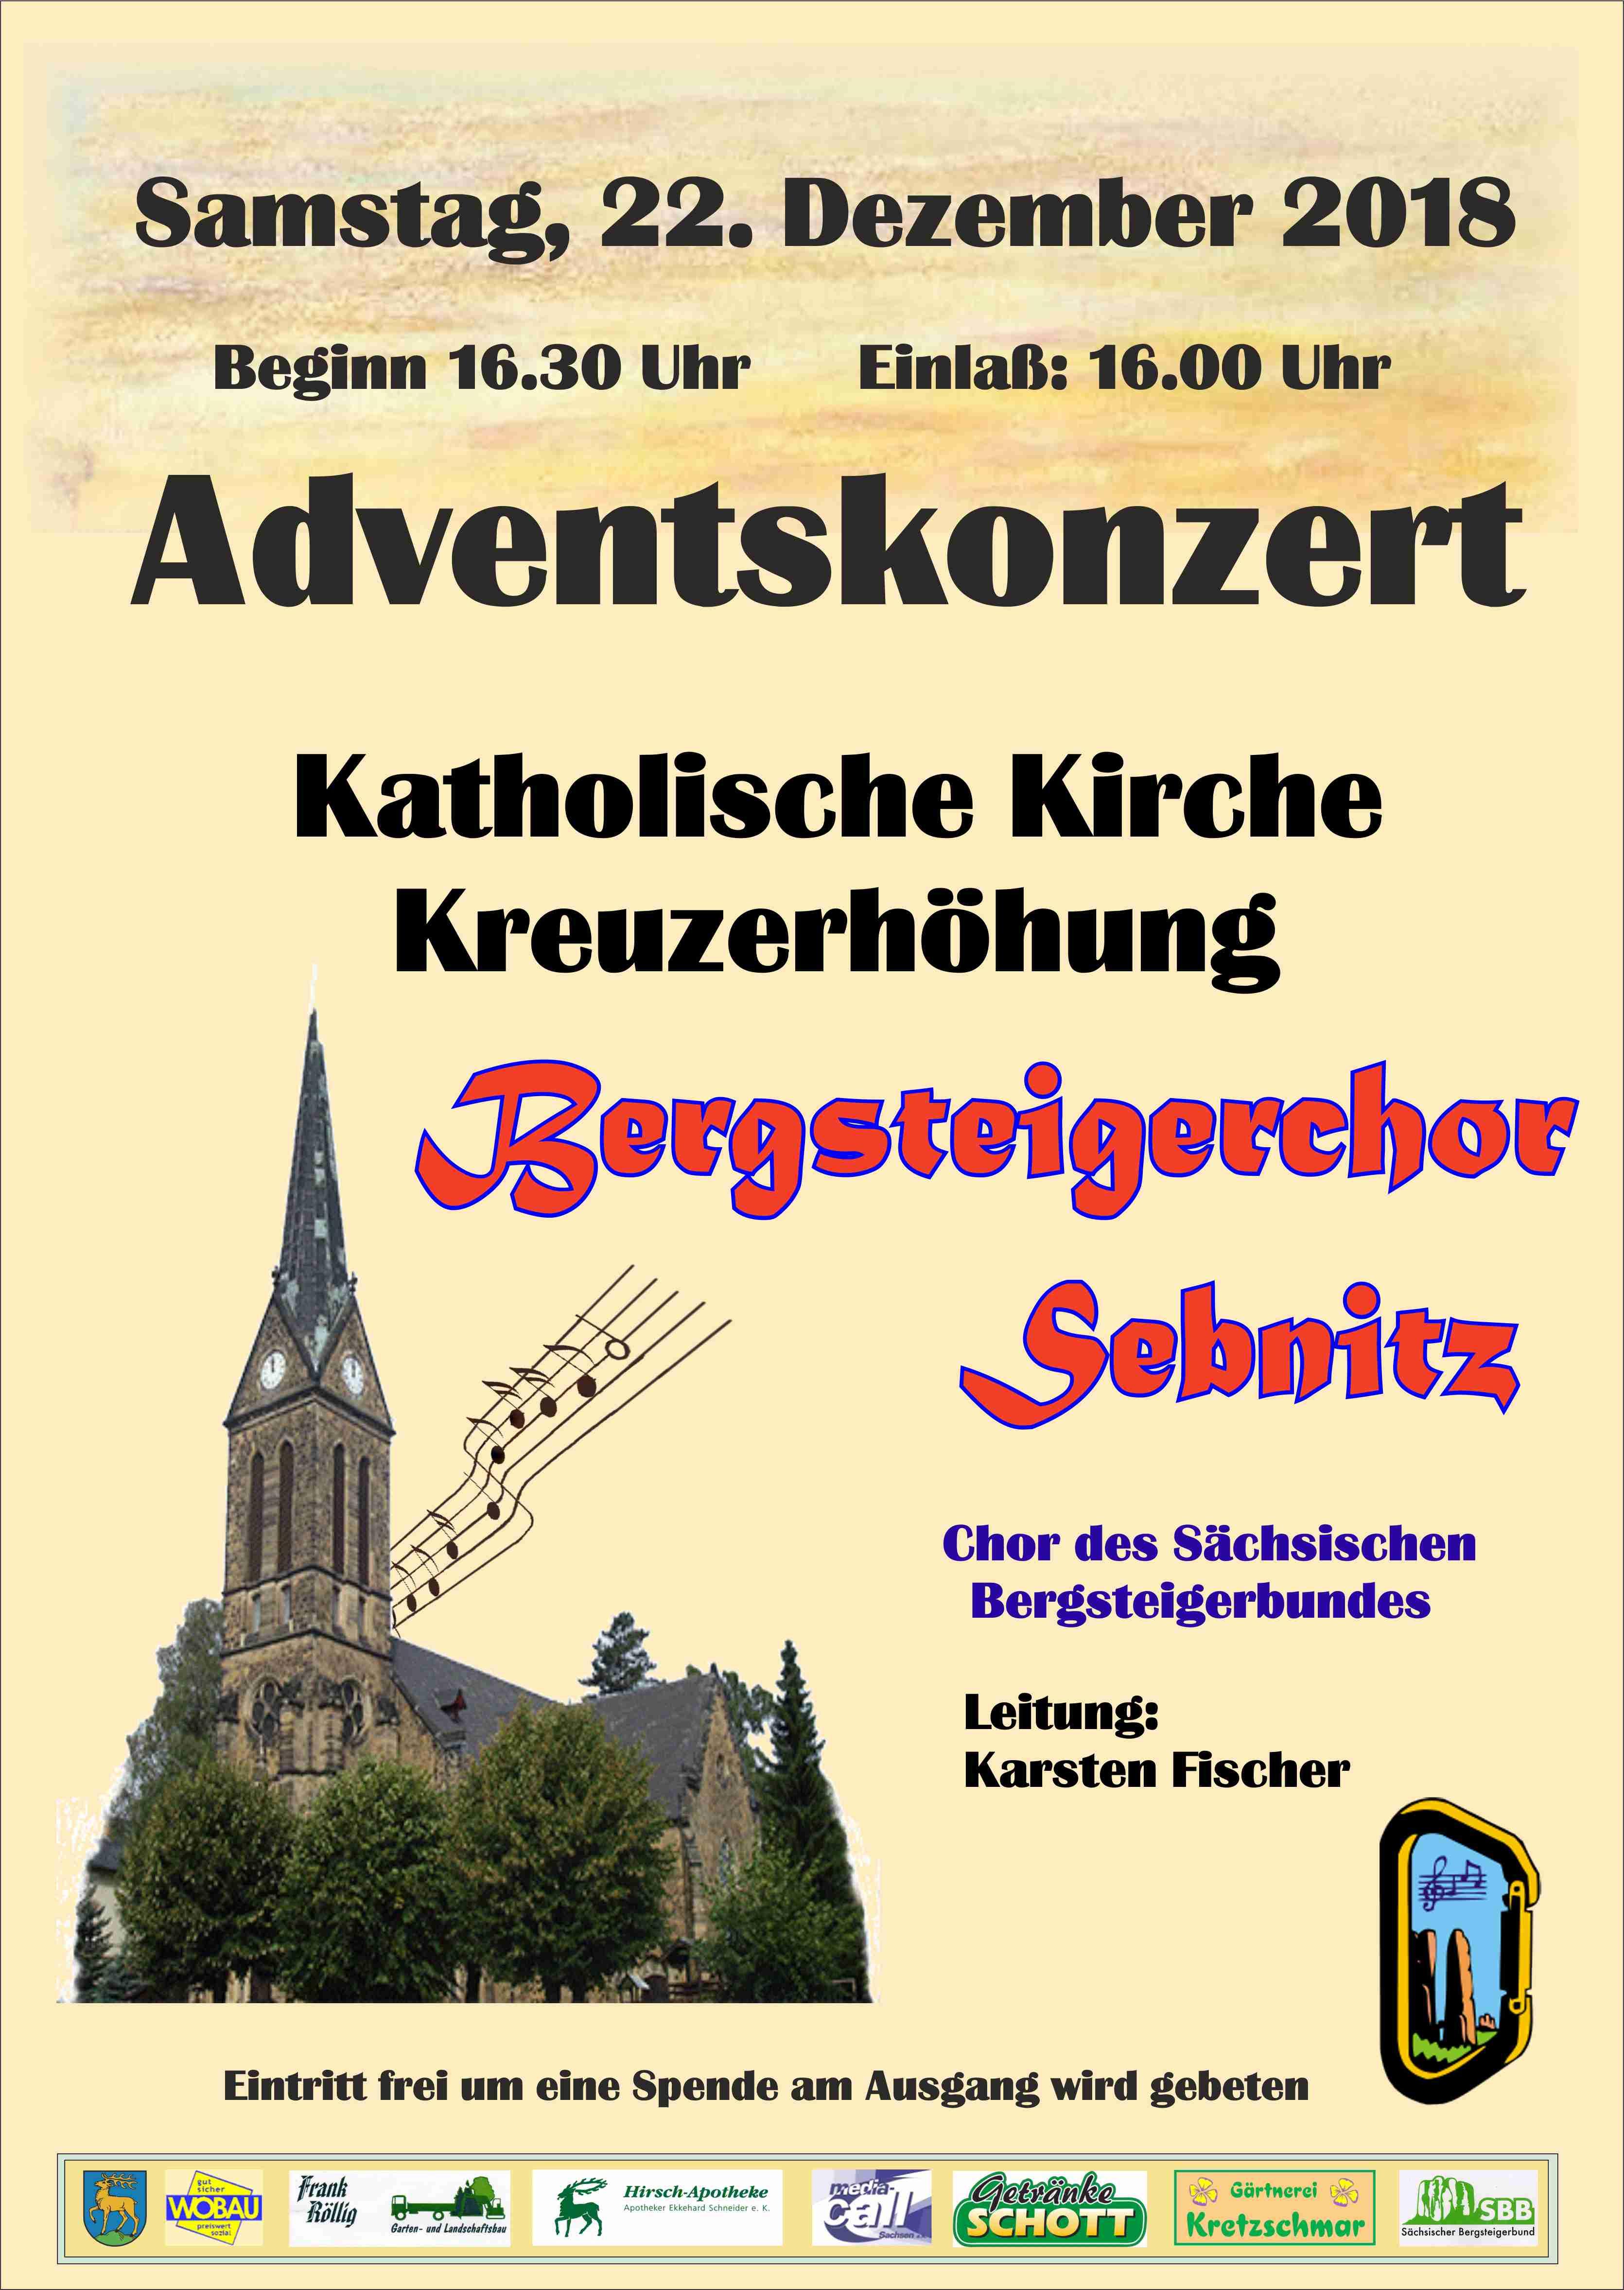 Bergsteigerchor Sebnitz